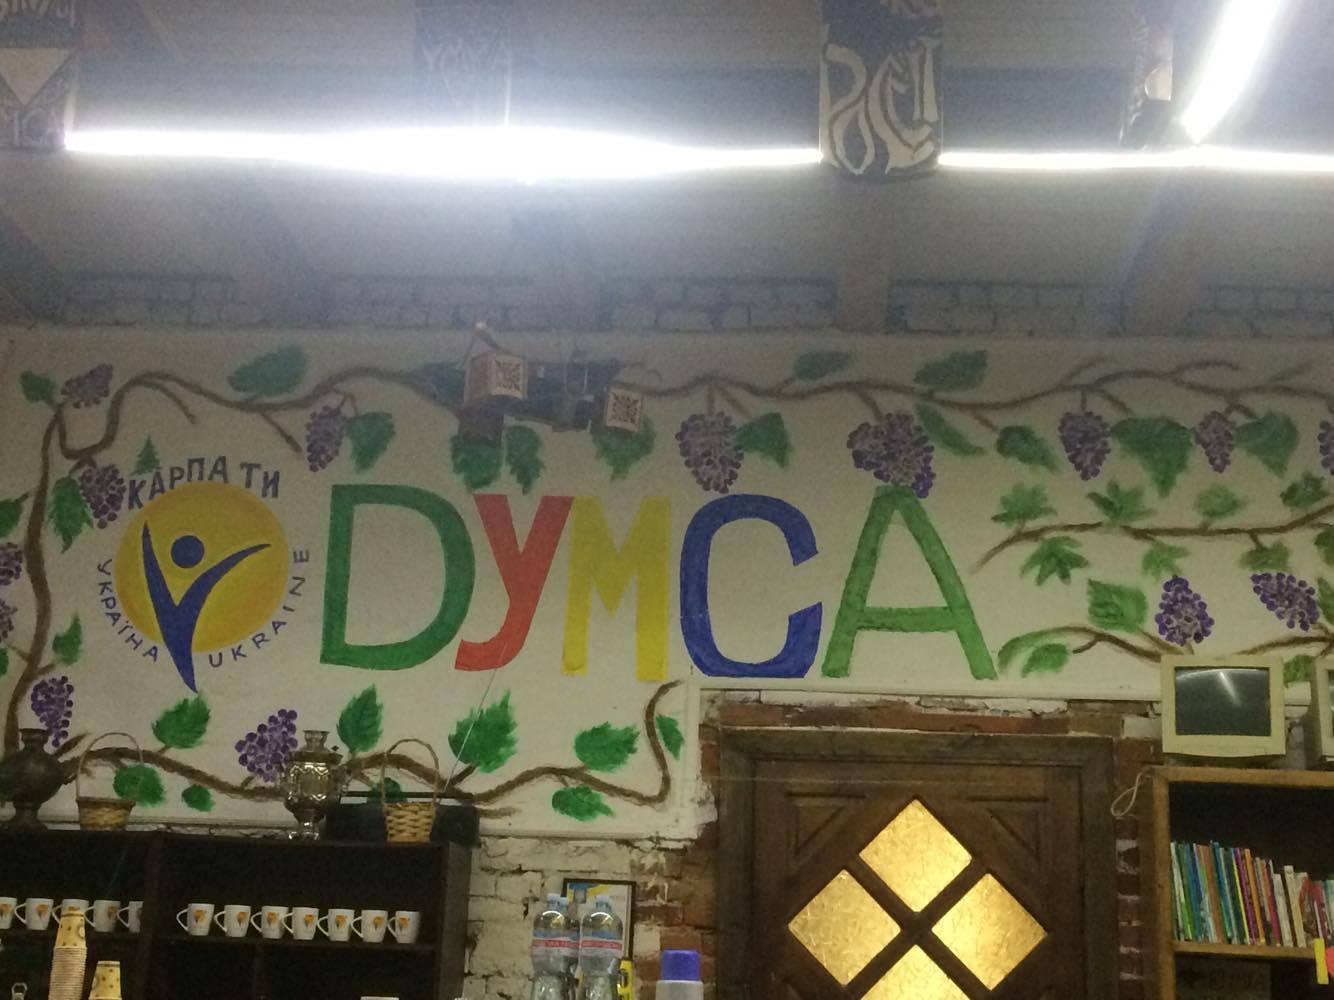 YMCA Ukrainas årsmöte- heta diskussioner och varma människor